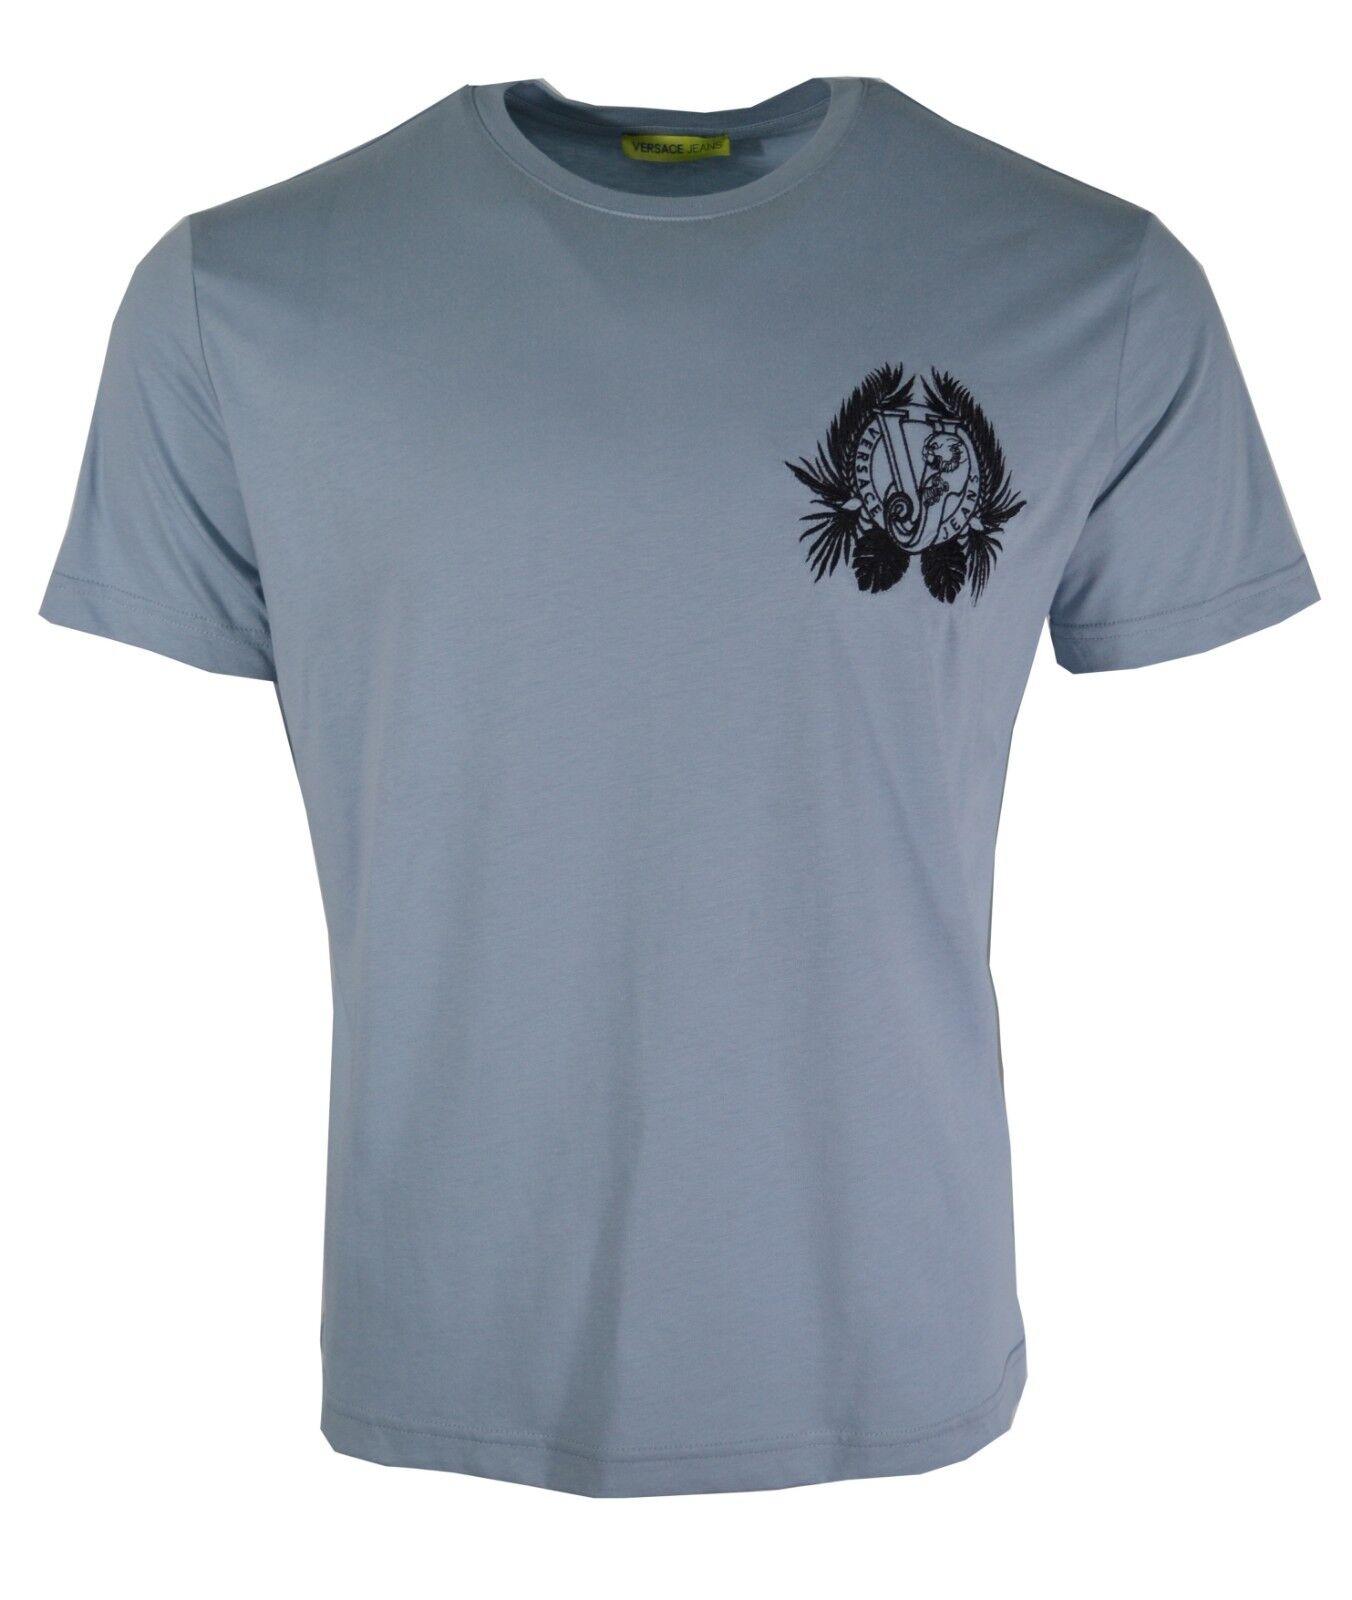 BNWT Versace Jeans Blu Pallido & Nero Foglia ricamato sul petto Tiger T-Shirt Logo